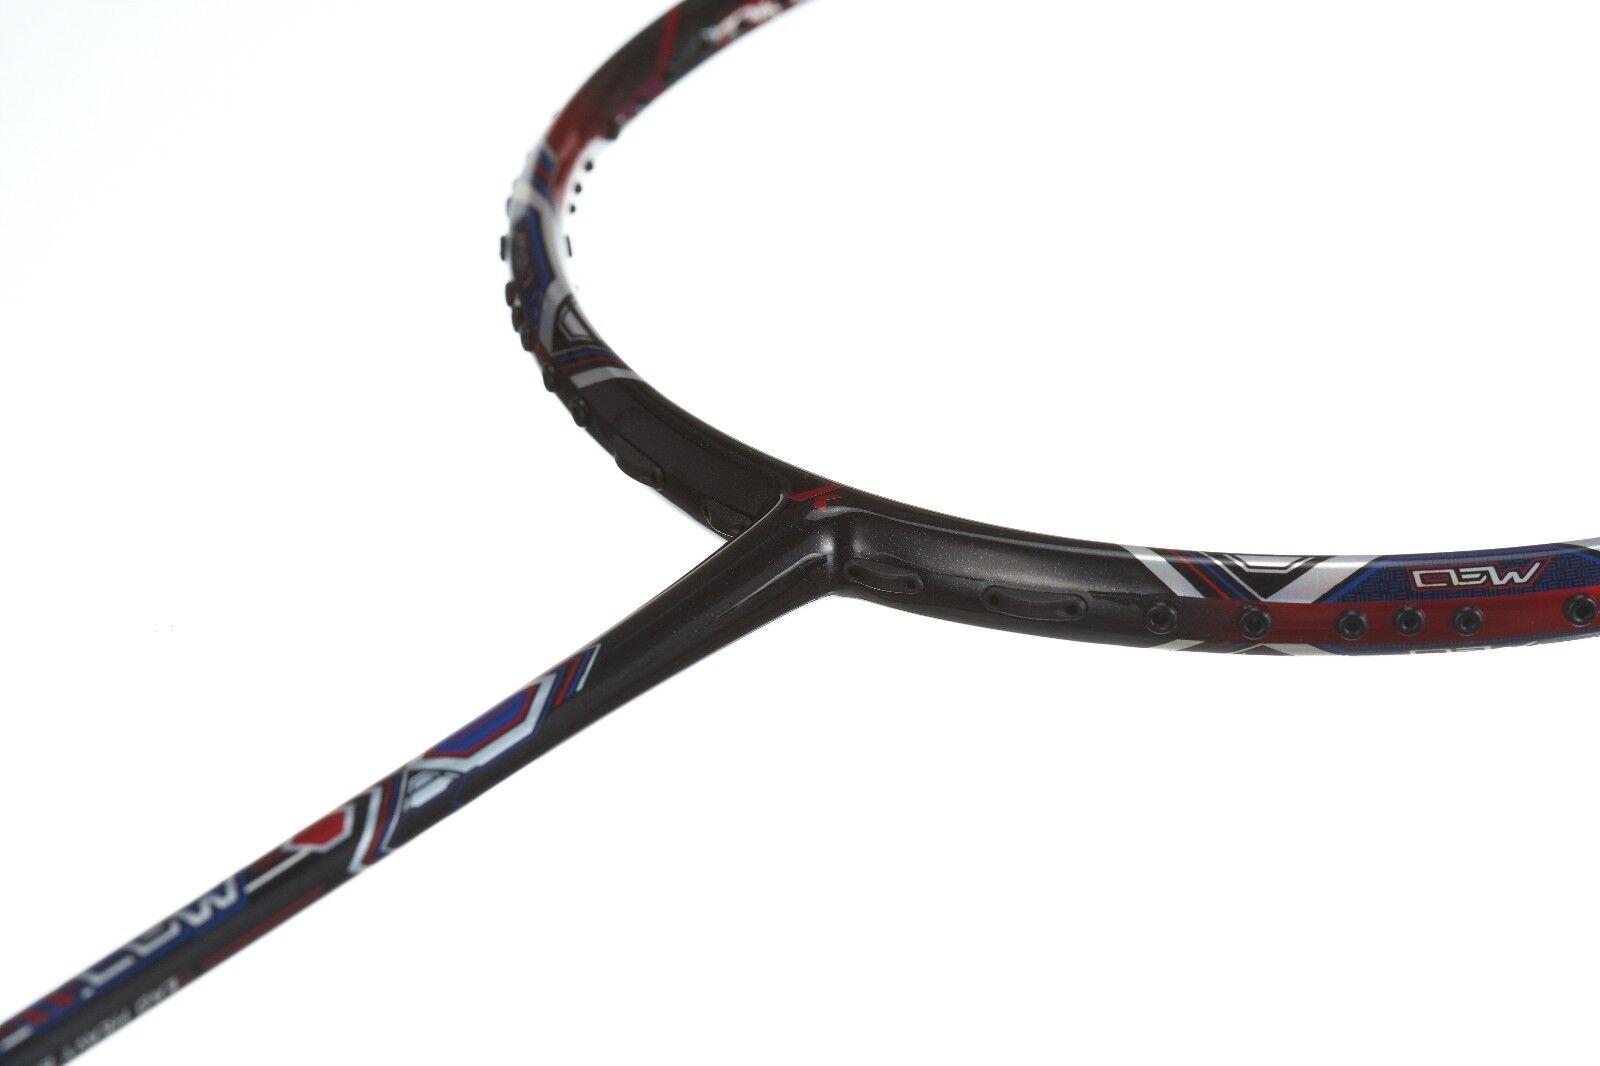 KAWASAKI Badminton Raqueta Mao 18 II